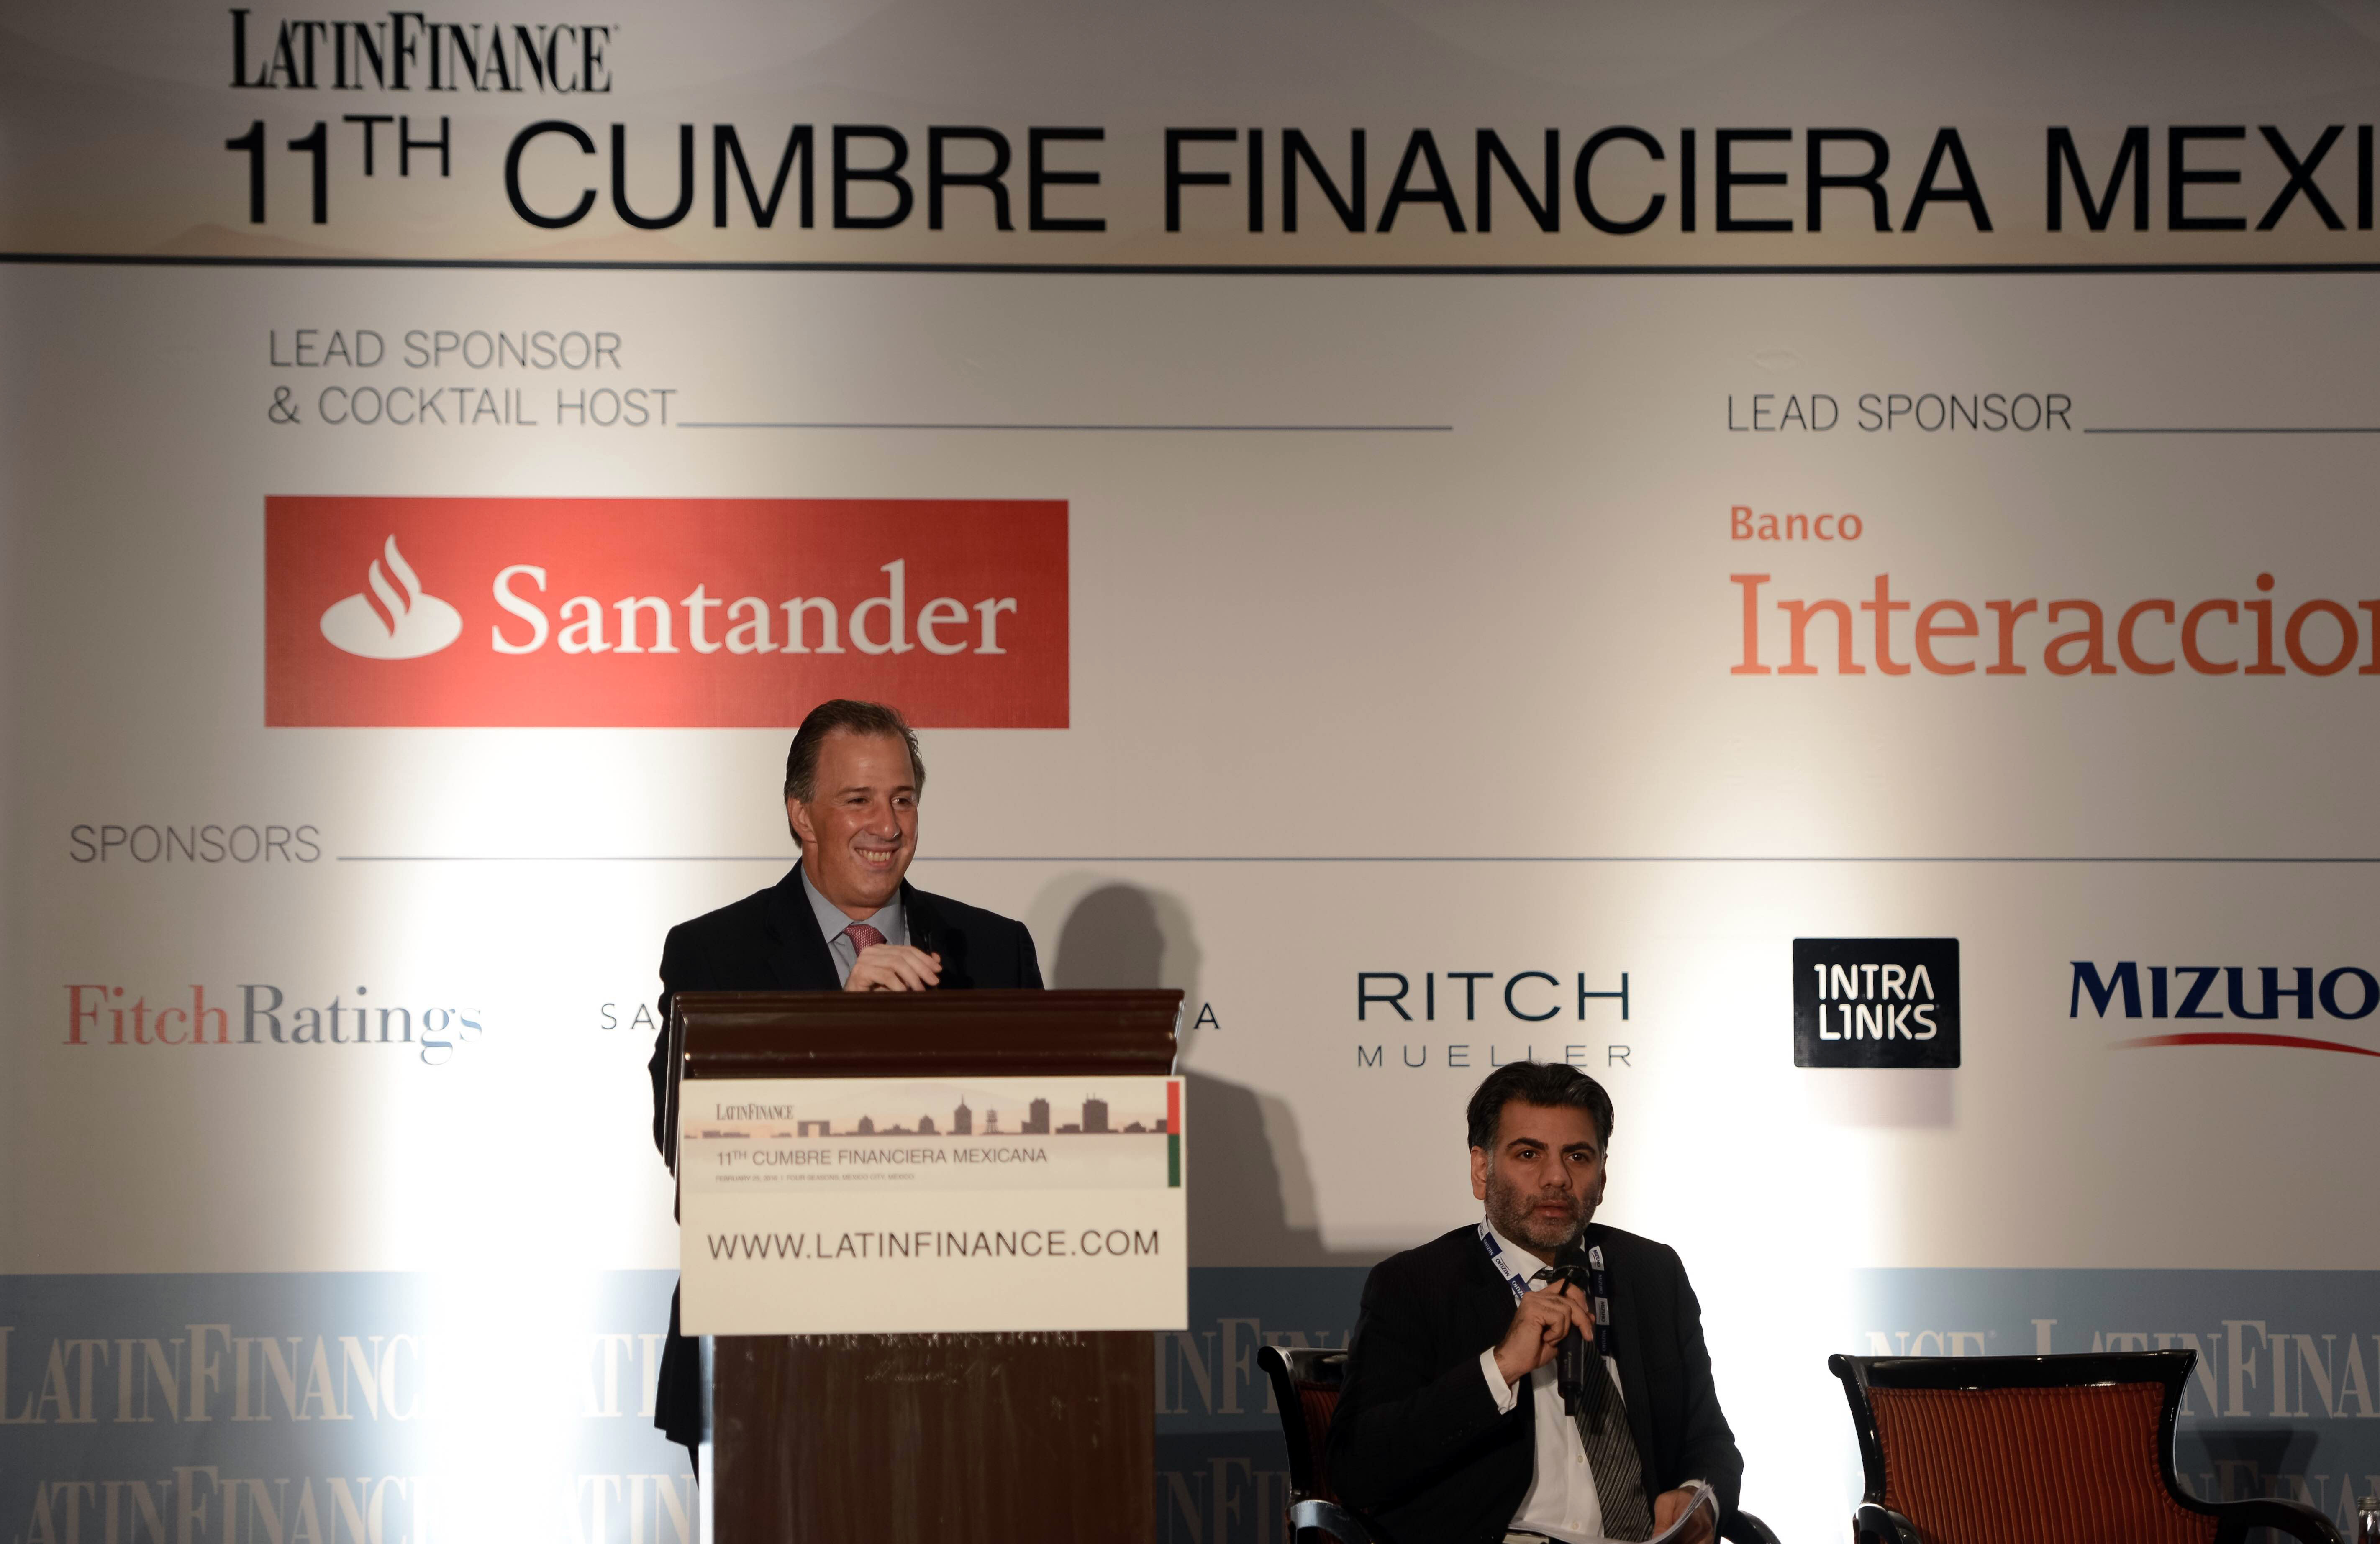 El secretario de Desarrollo Social, José Antonio Meade Kuribreña, al término de la 11ª Cumbre Financiera Mexicana